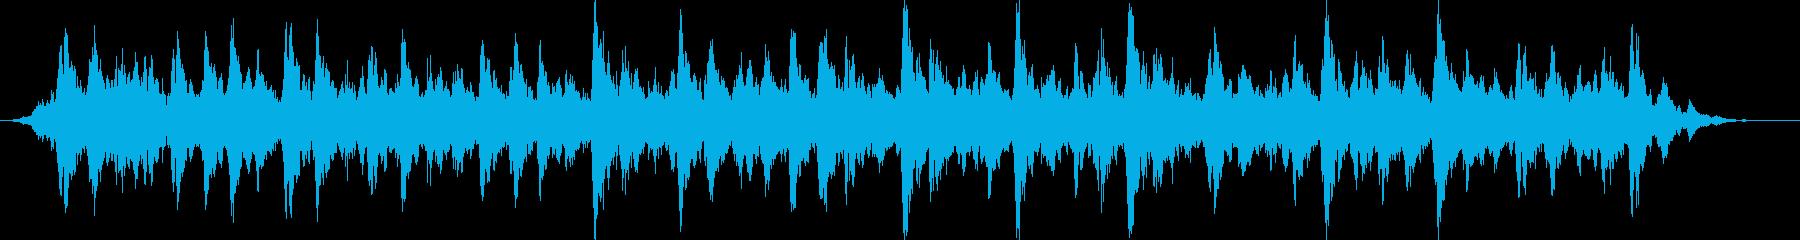 ホラー映画の雰囲気のBGMの再生済みの波形